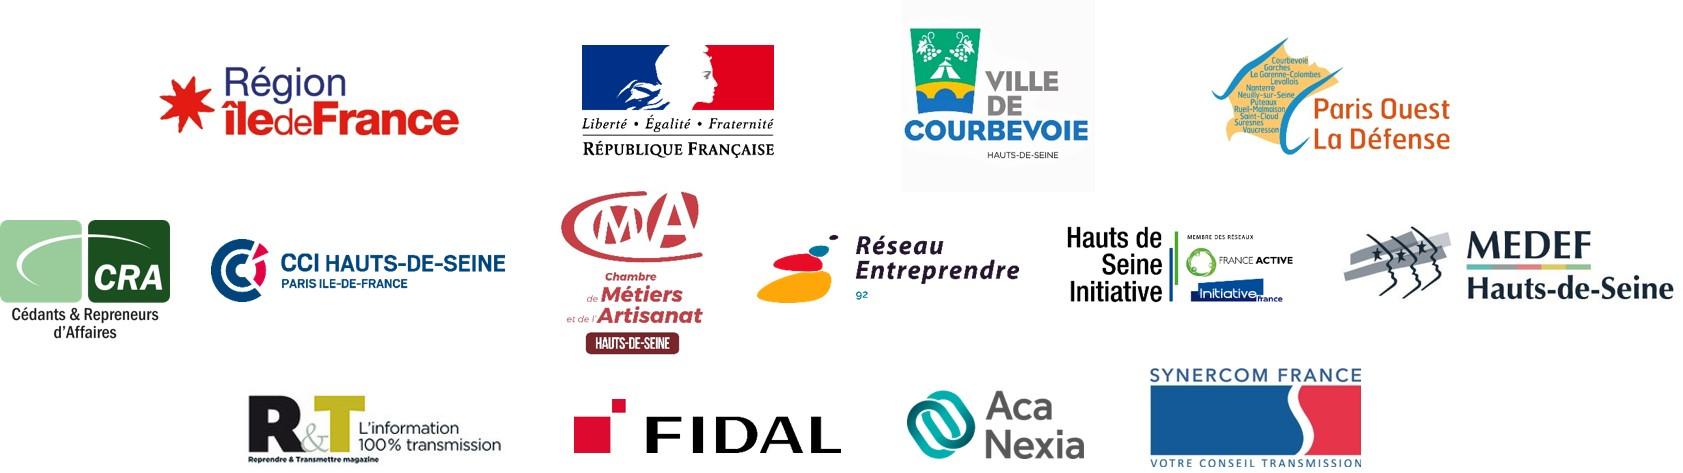 partenaires-reprise-transmission-entreprise-courbevoie